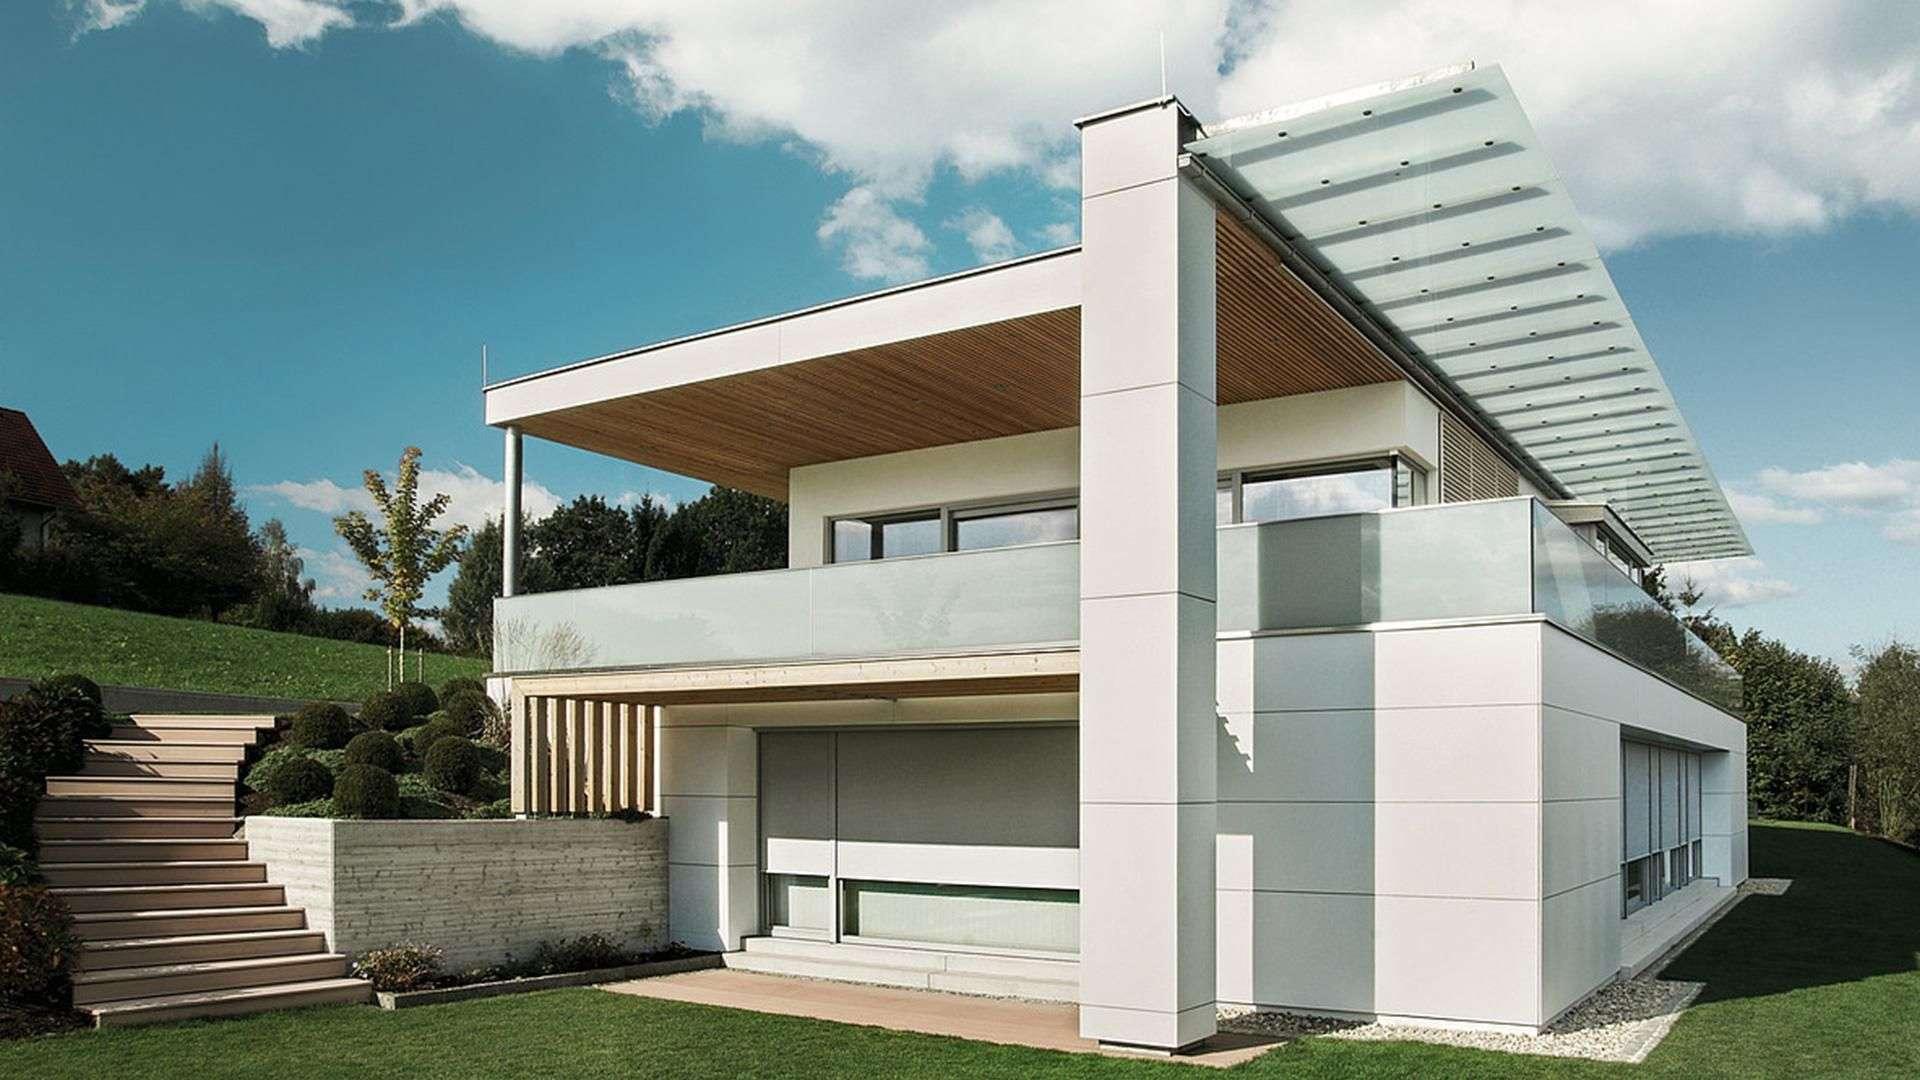 modernes Haus mit Textilscreen